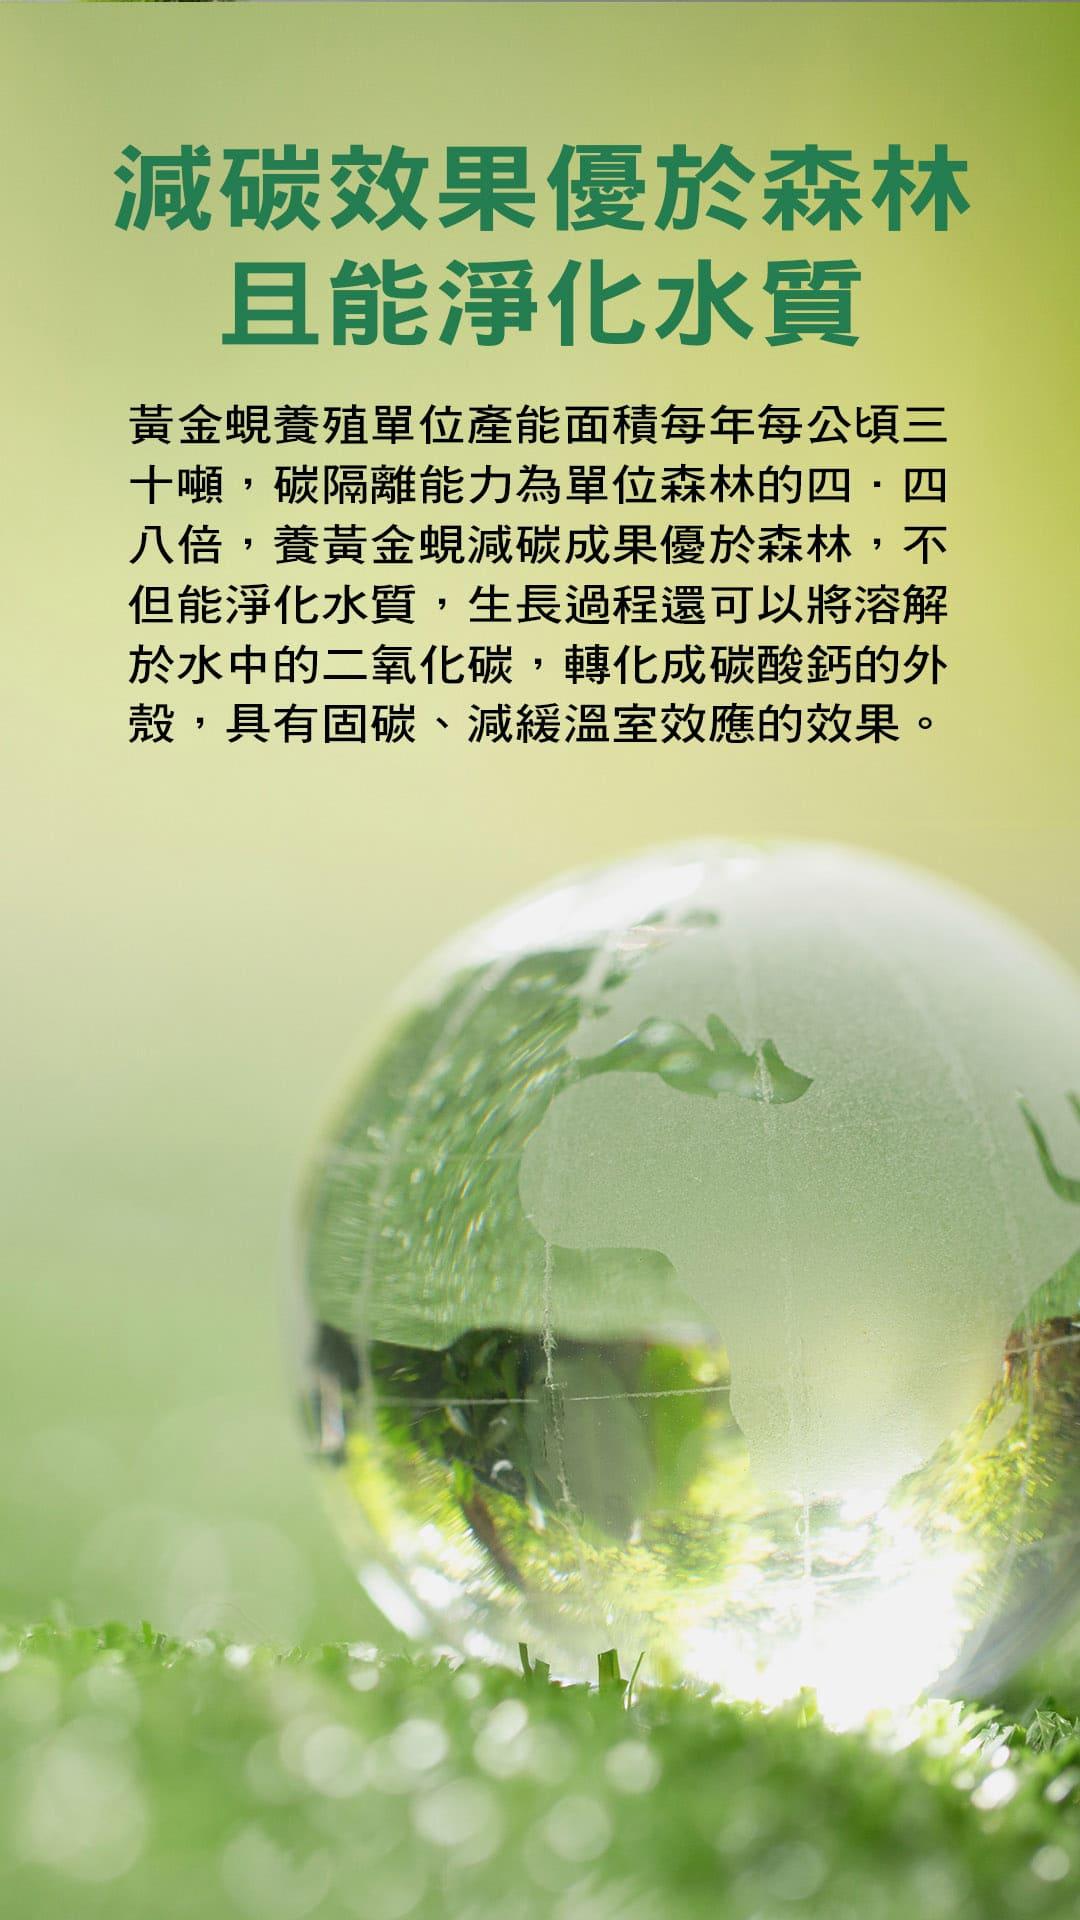 37.減碳效果優於森林且能淨化水質